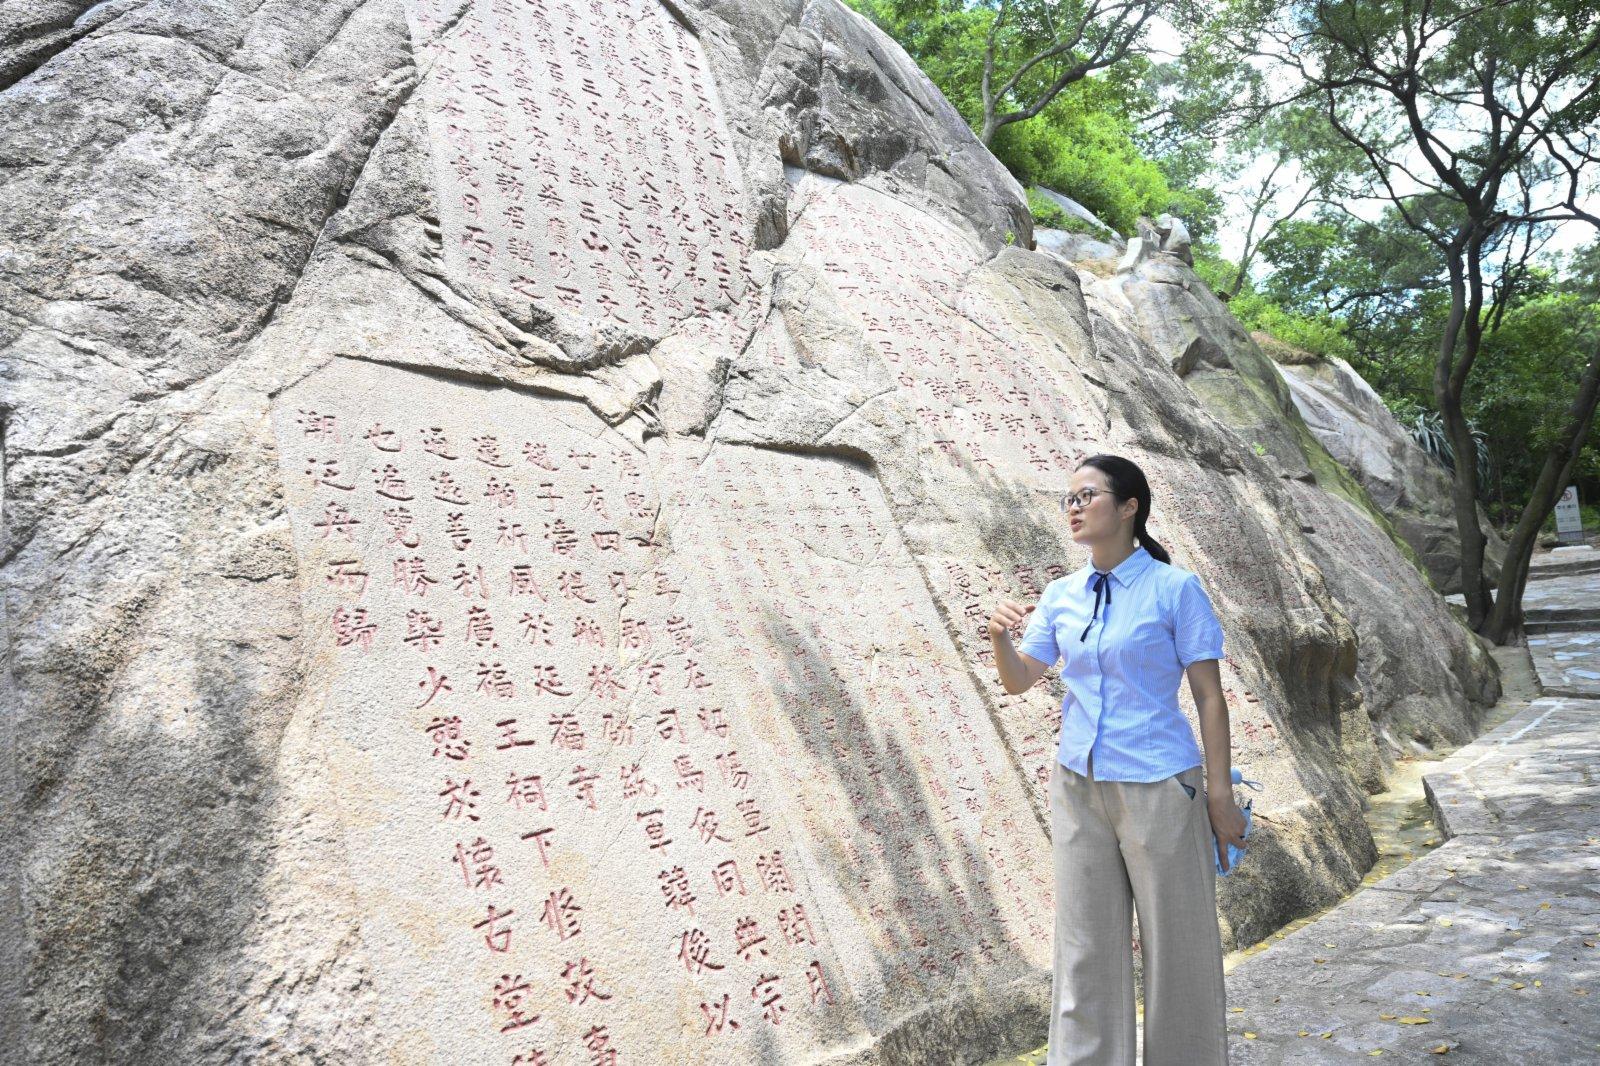 在泉州南安市的九日山,講解員在介紹祈風石刻內容。